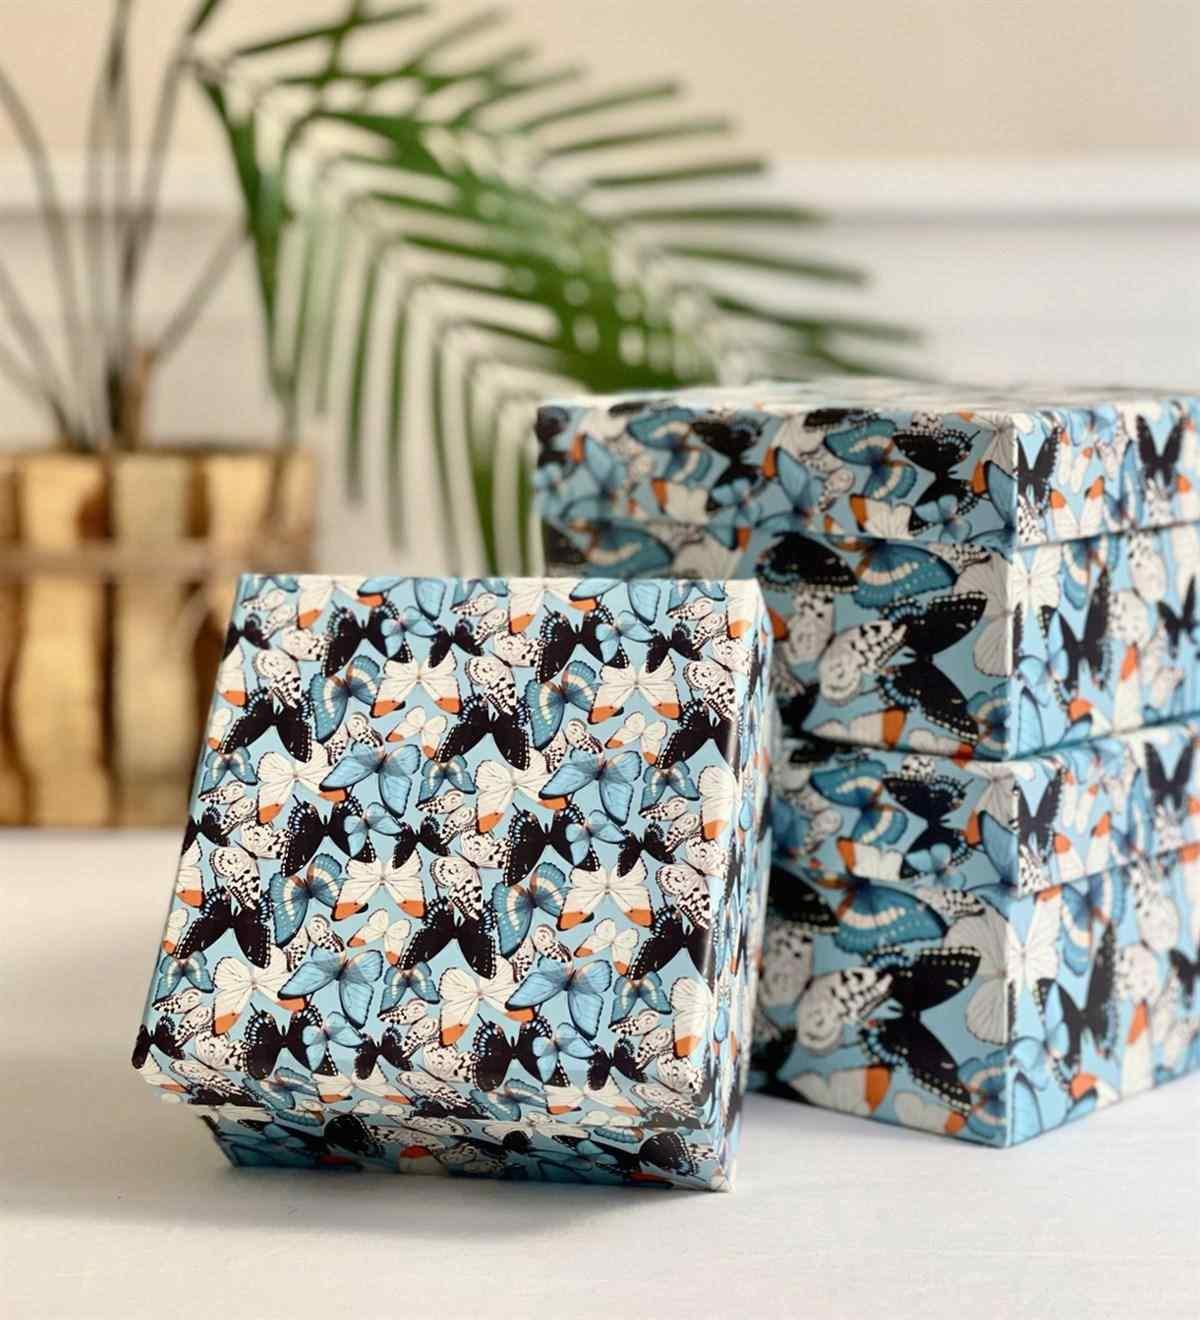 Kelebek Tasarımlı 3lü Kutu